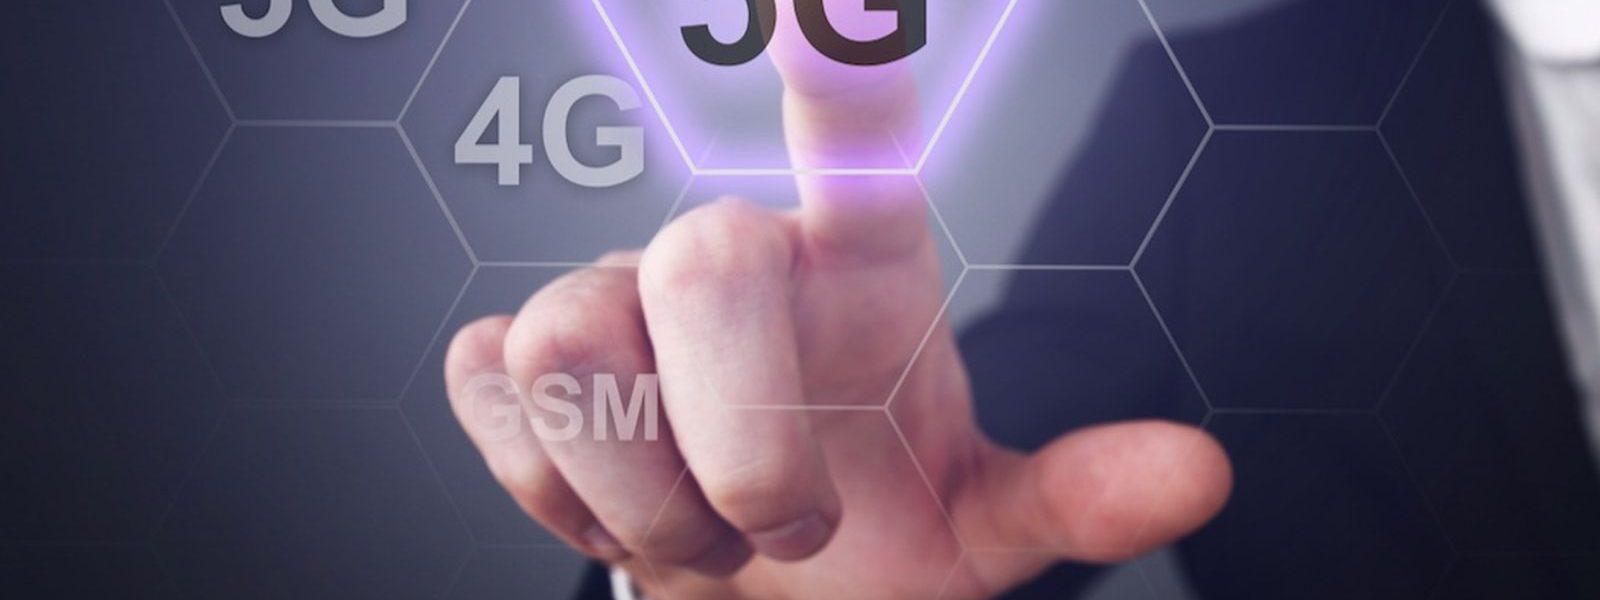 Alunos da FEUP vão ajudar Vodafone a testar 5G